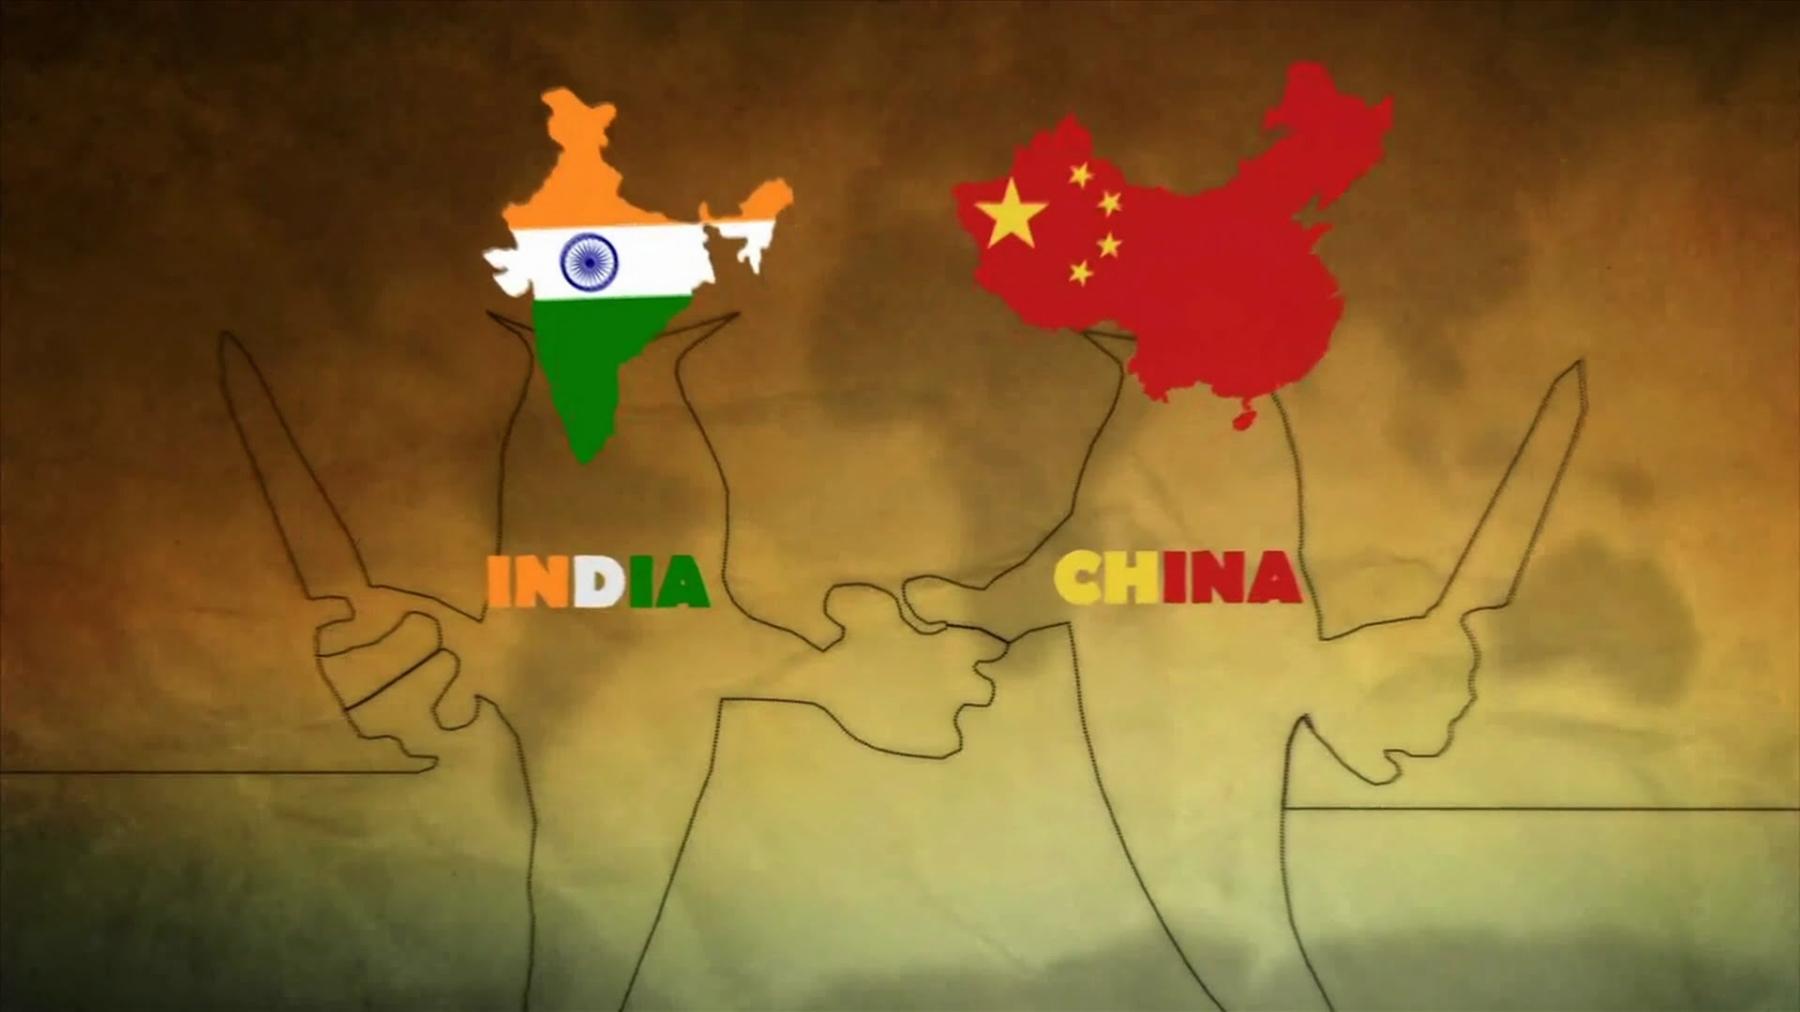 ભારતીય નાગરિકો ઇચ્છે તો તો ચીનને કરોડોનું નુકશાન થઇ શકે છે…કેવી રીતે…? વાંચો…